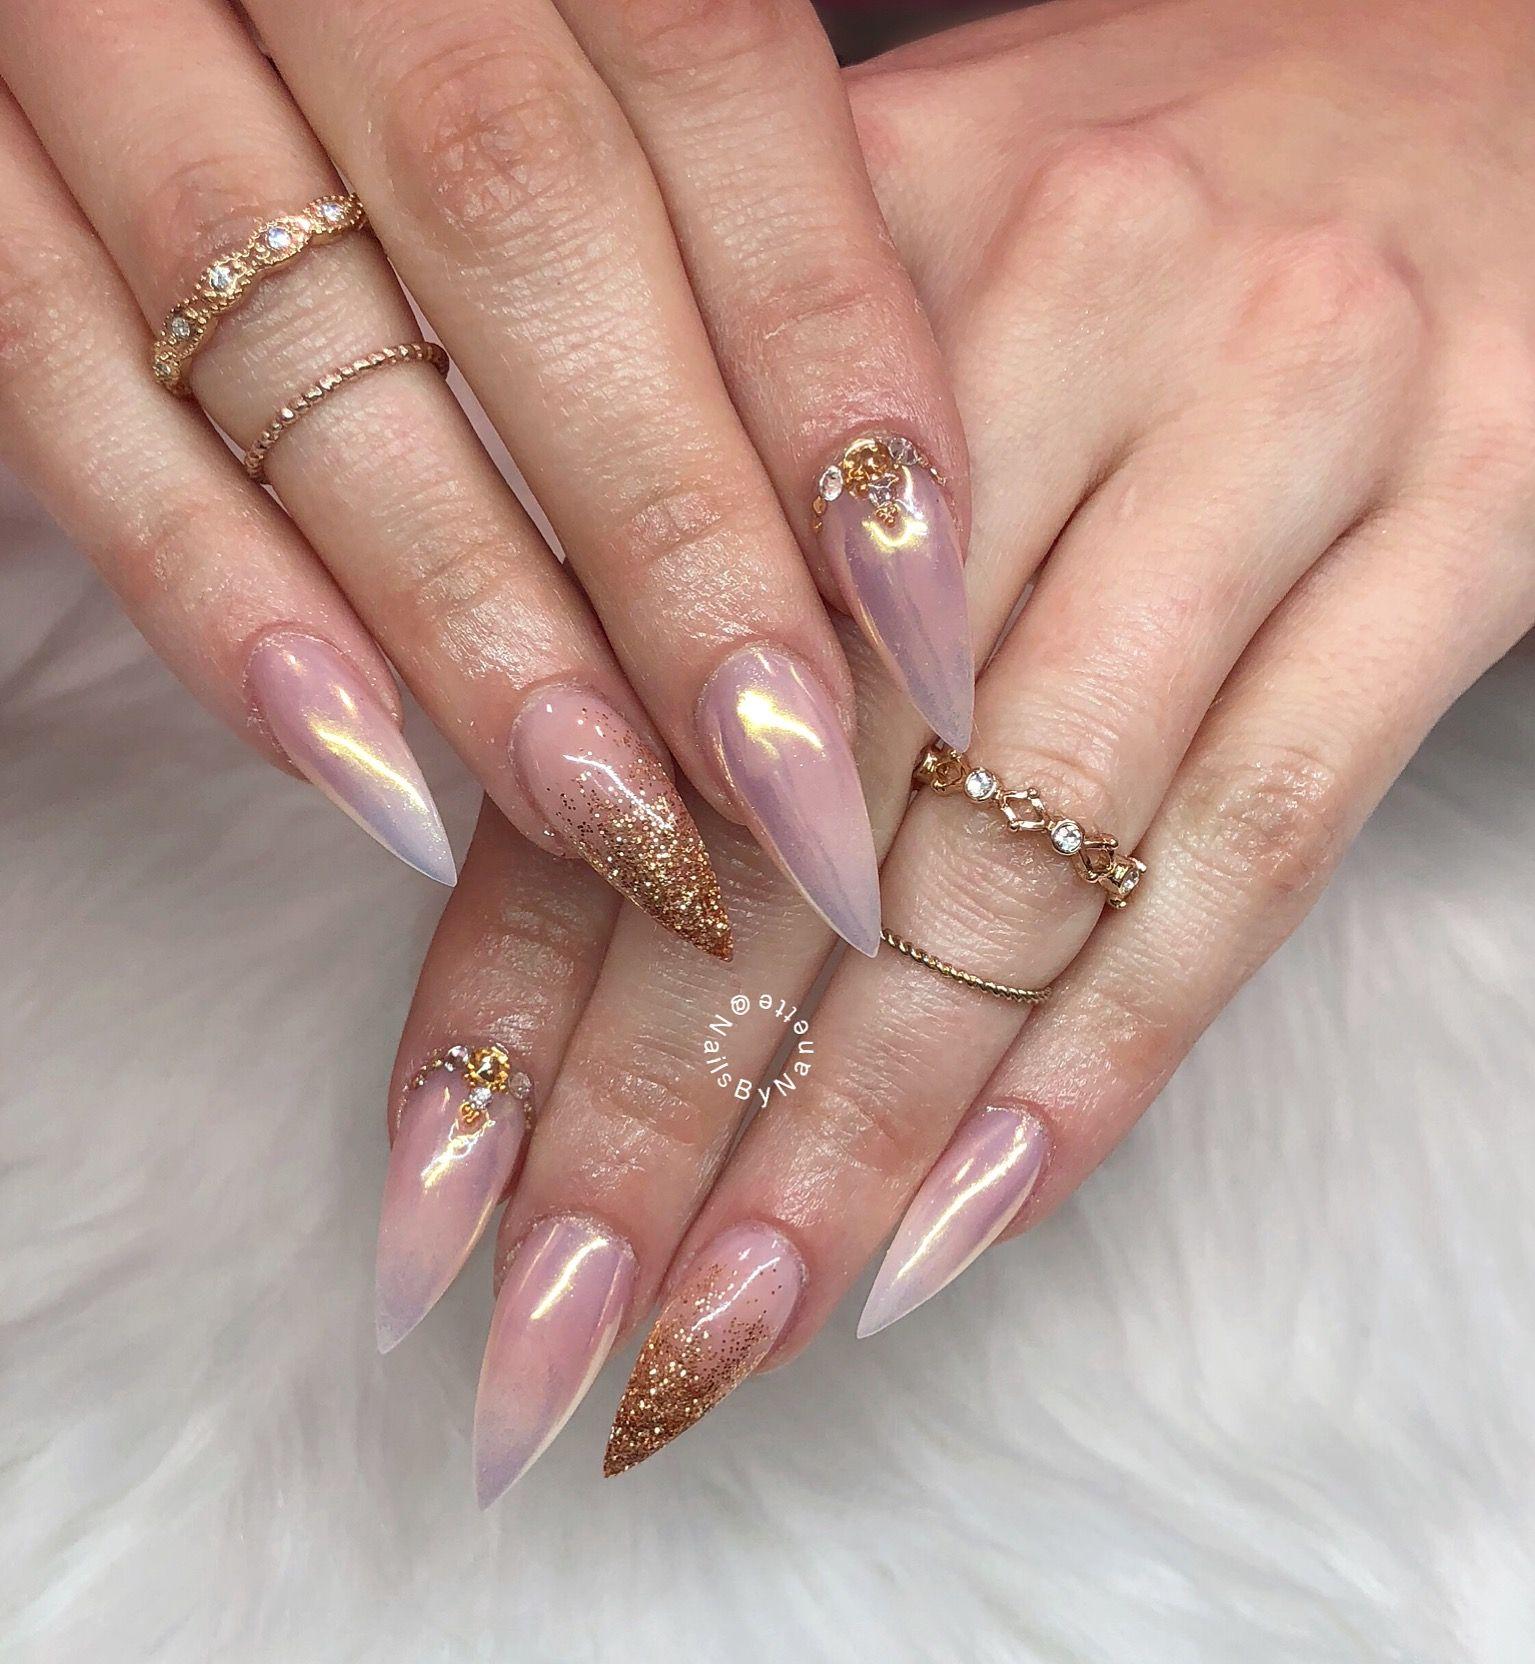 Chrome Nails Stiletto Nails Ombre Nails Wedding Nails